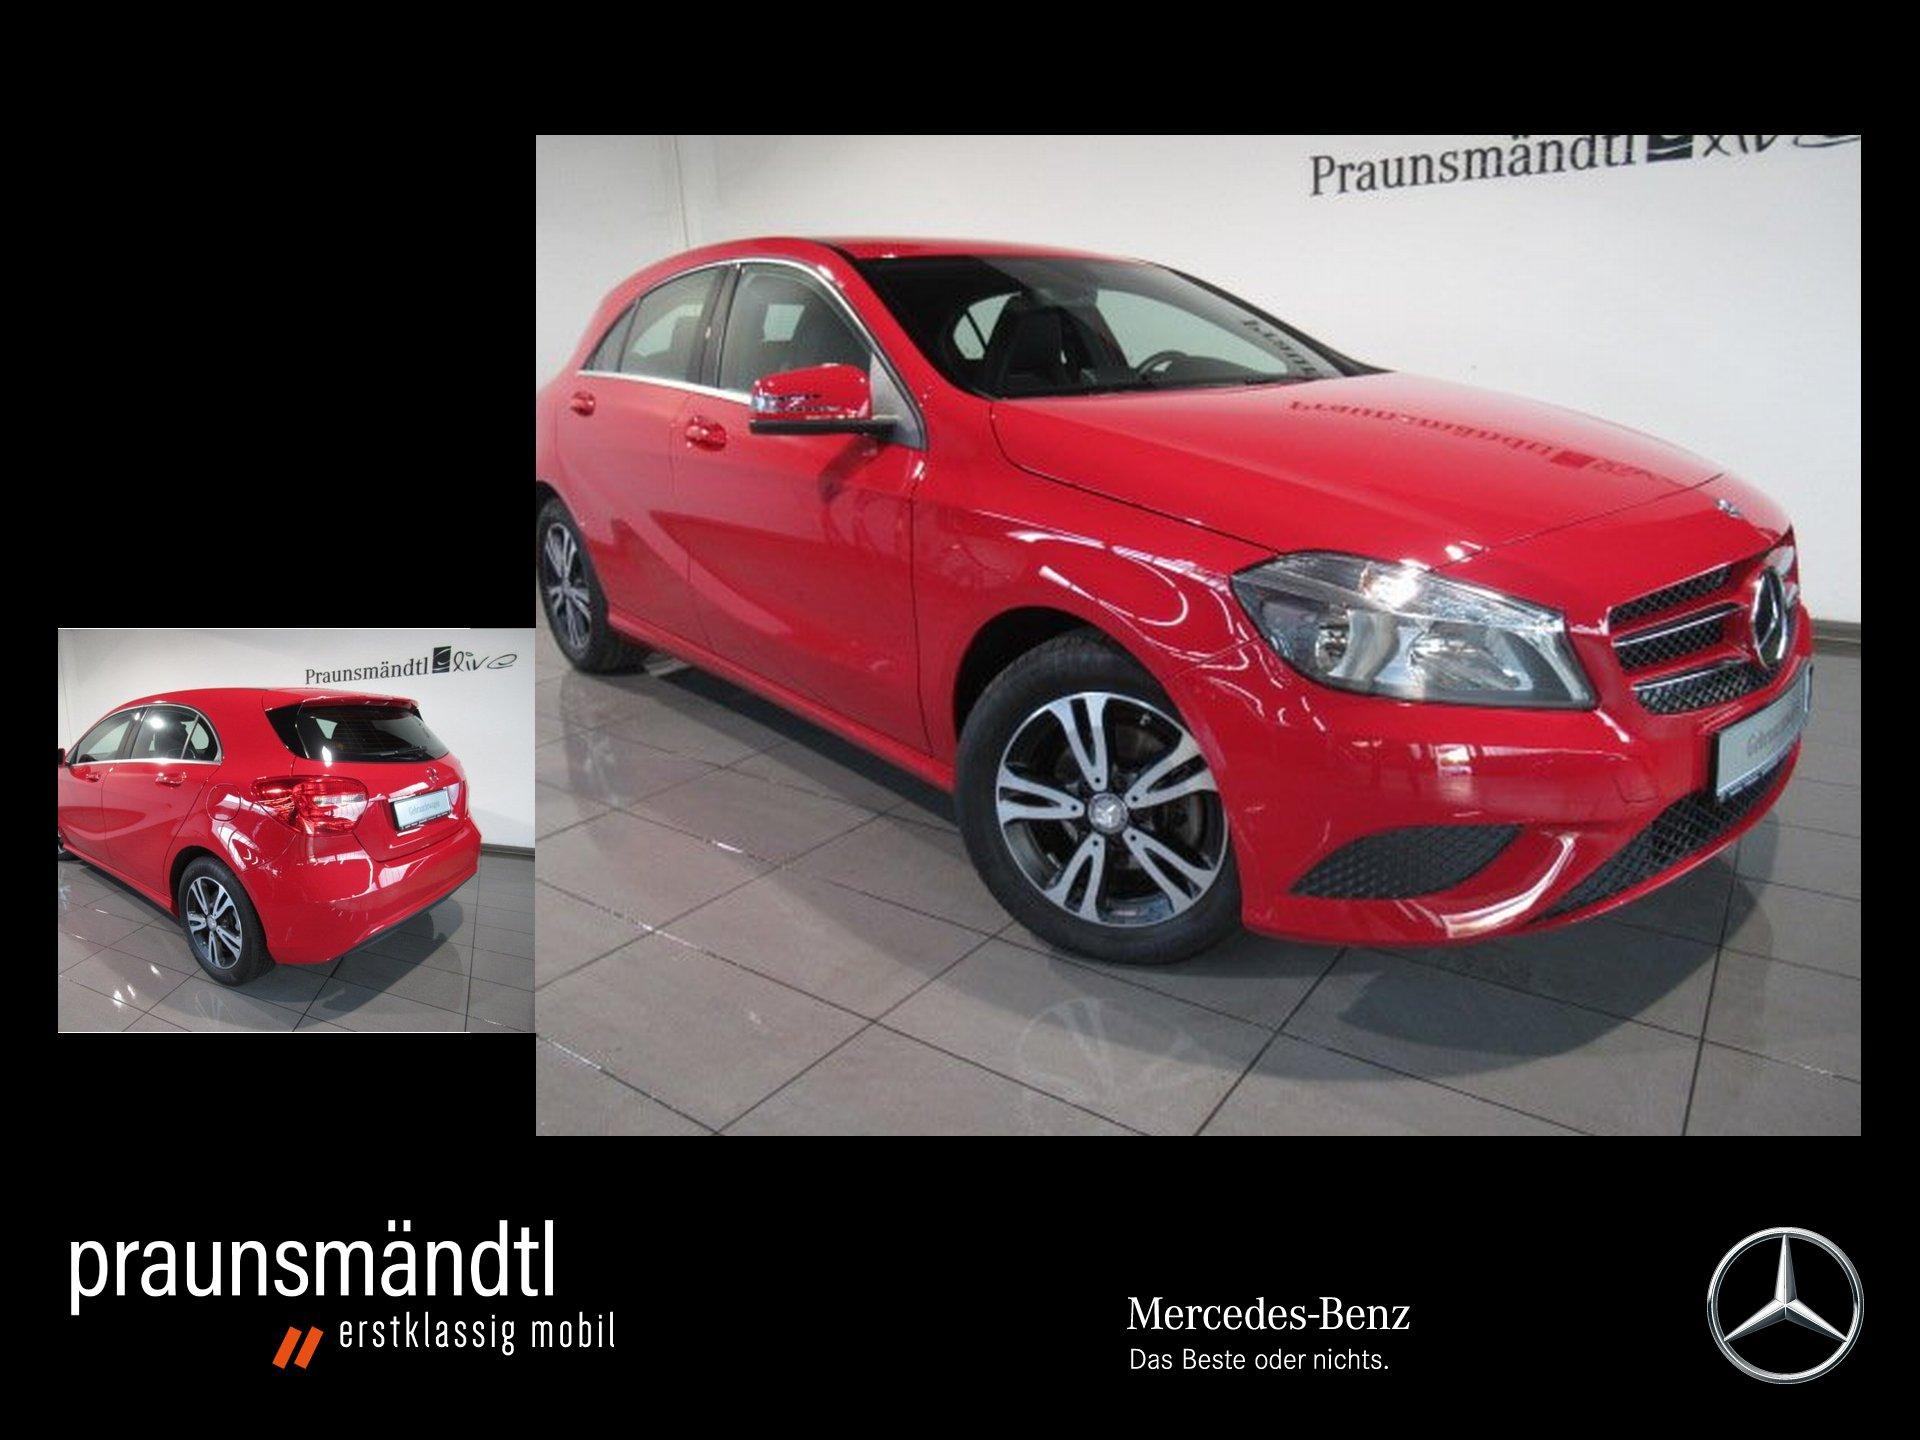 Mercedes-Benz A 180 CDI Style SHZ/Kamera/Audio20/LMF 5-Doppel, Jahr 2014, Diesel